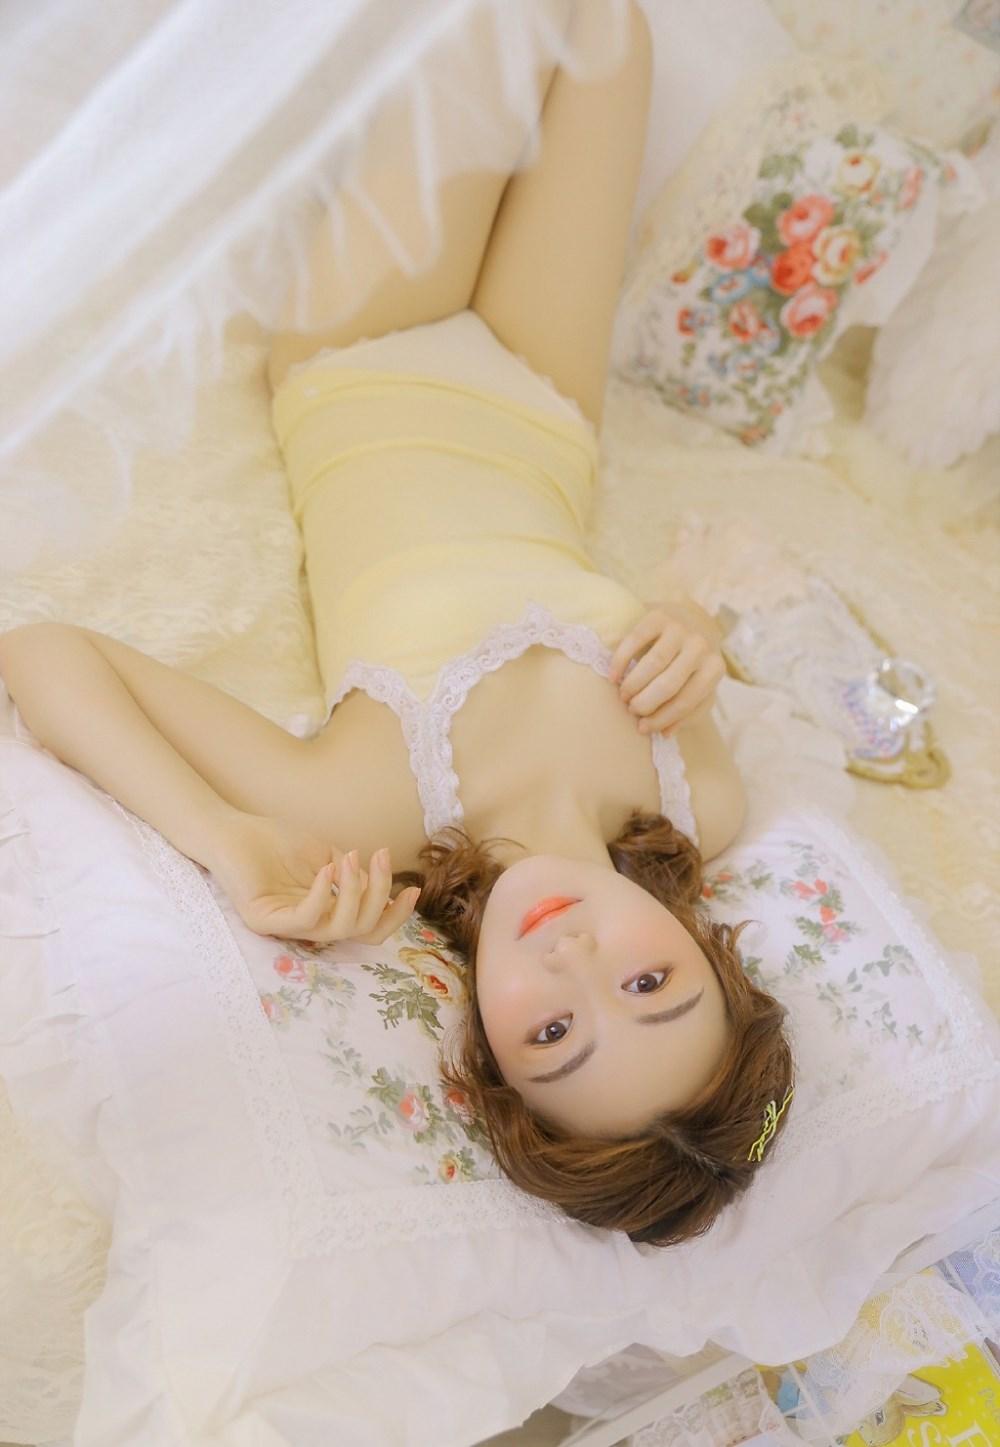 吊带体操制服美女销魂大胆美腿玉足私房性感写真(8)